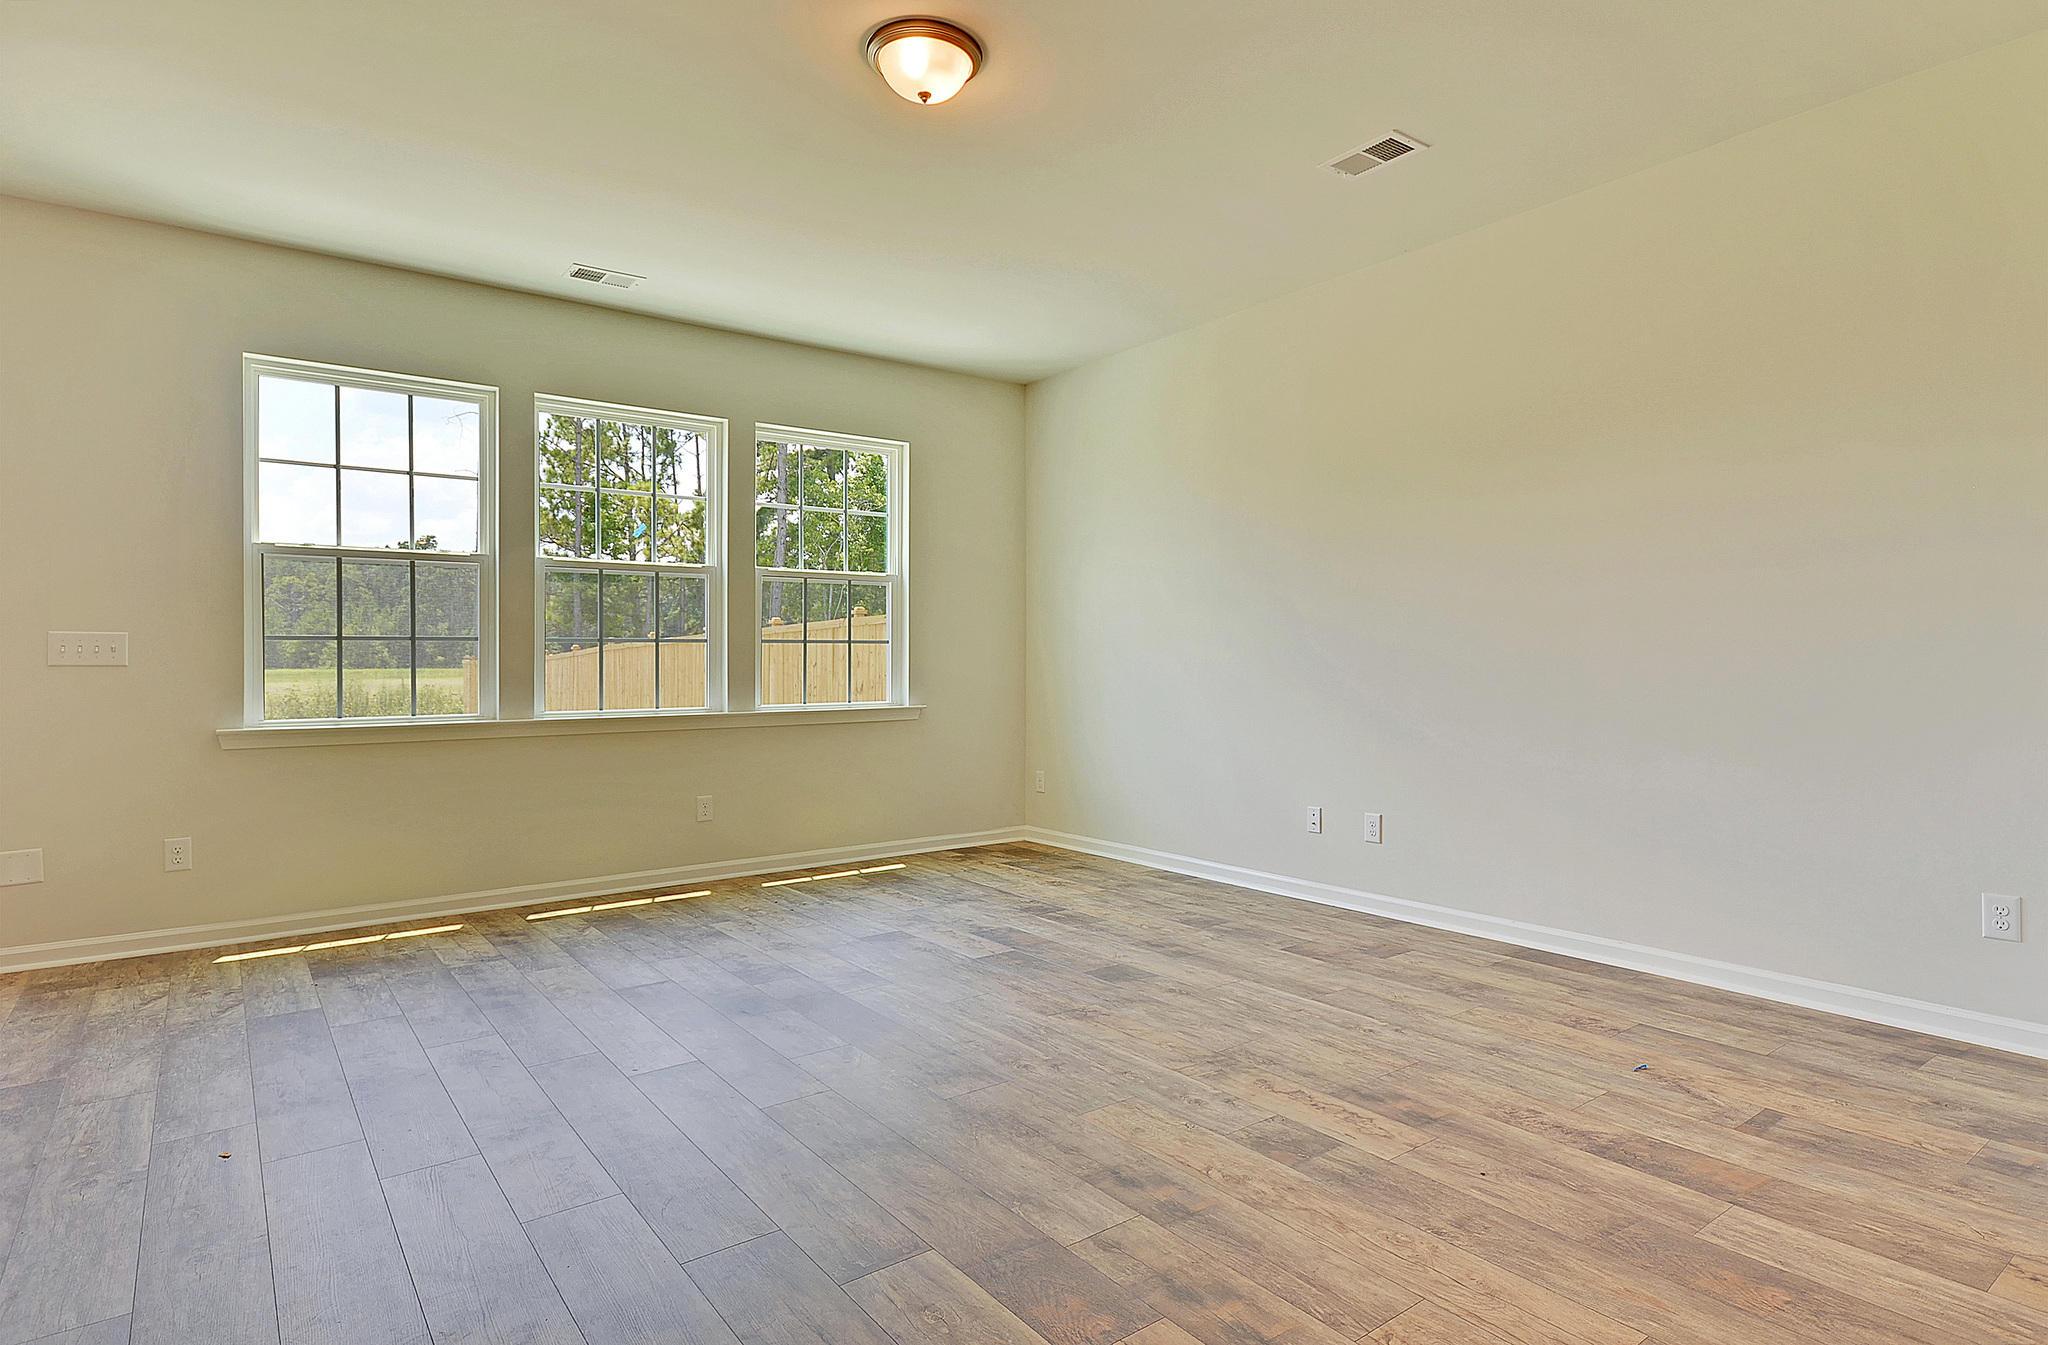 Park West Homes For Sale - 3049 Caspian, Mount Pleasant, SC - 5